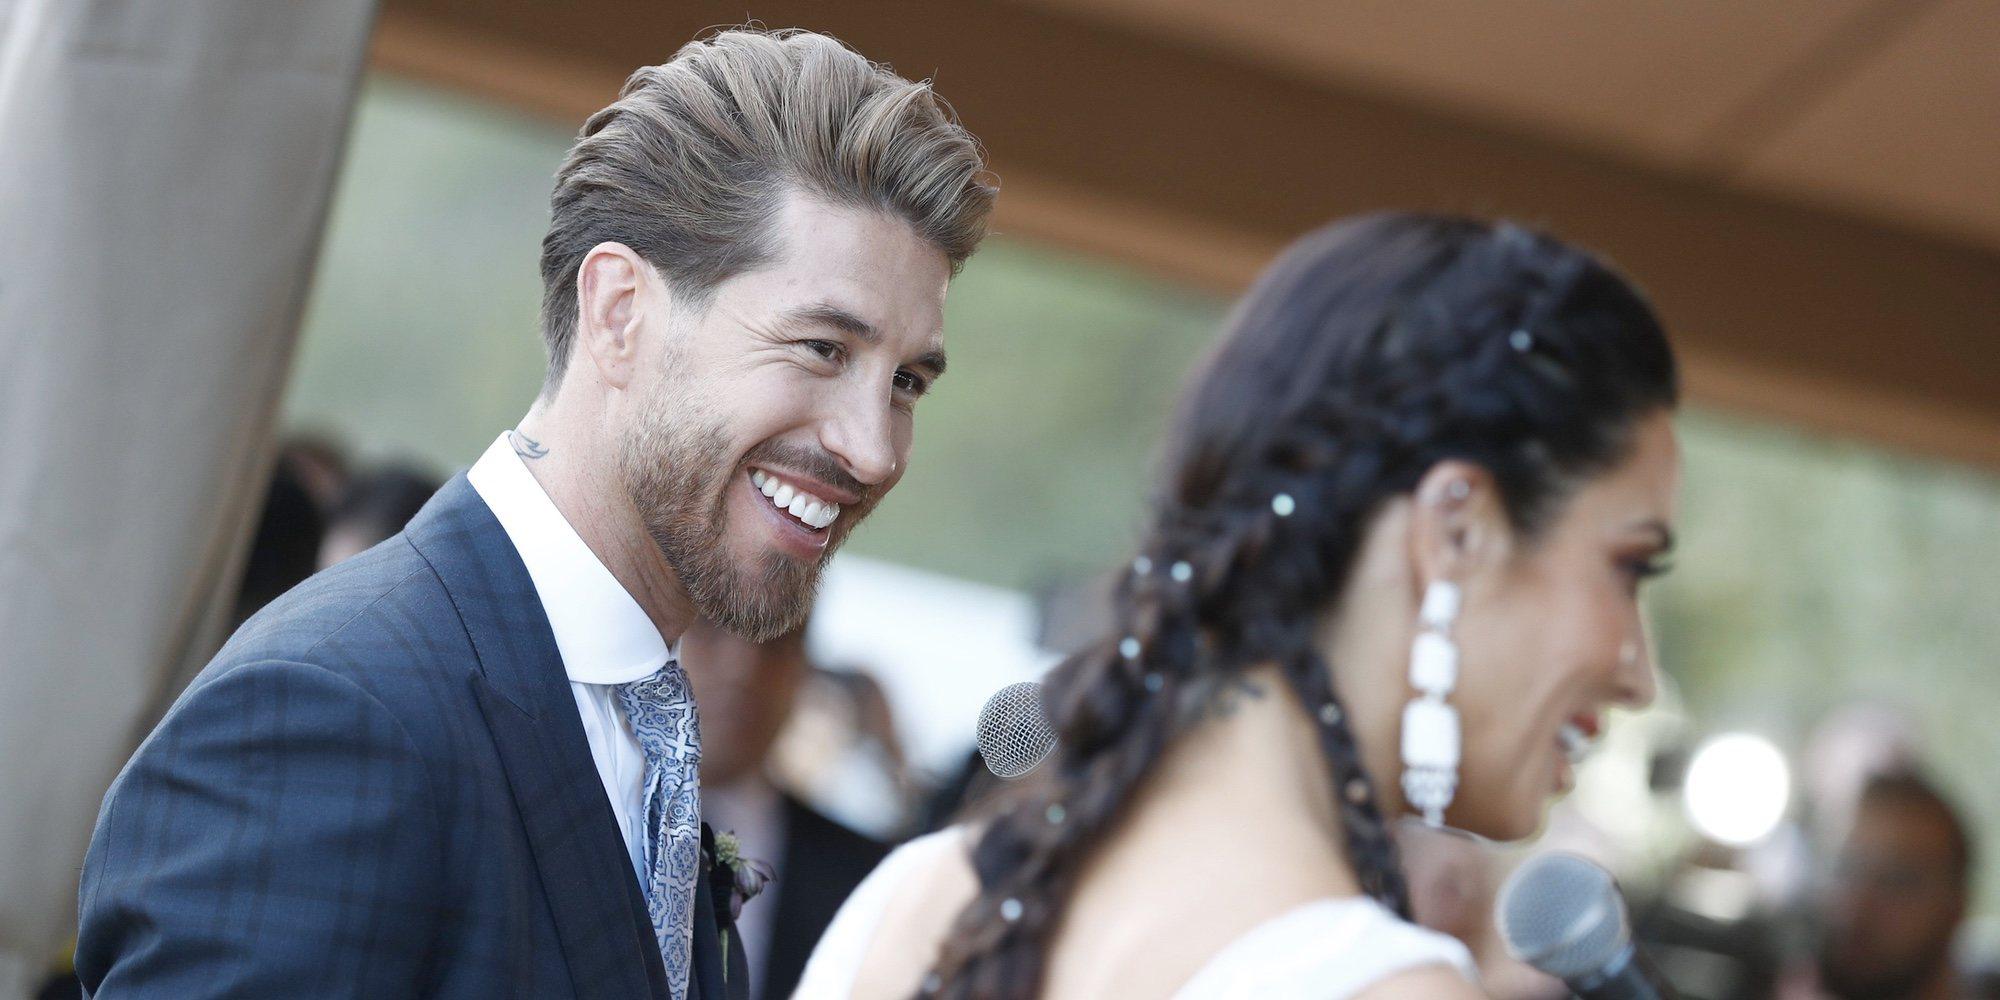 El contrato de confidencialidad que firmaron los empleados de la boda de Sergio Ramos y Pilar Rubio